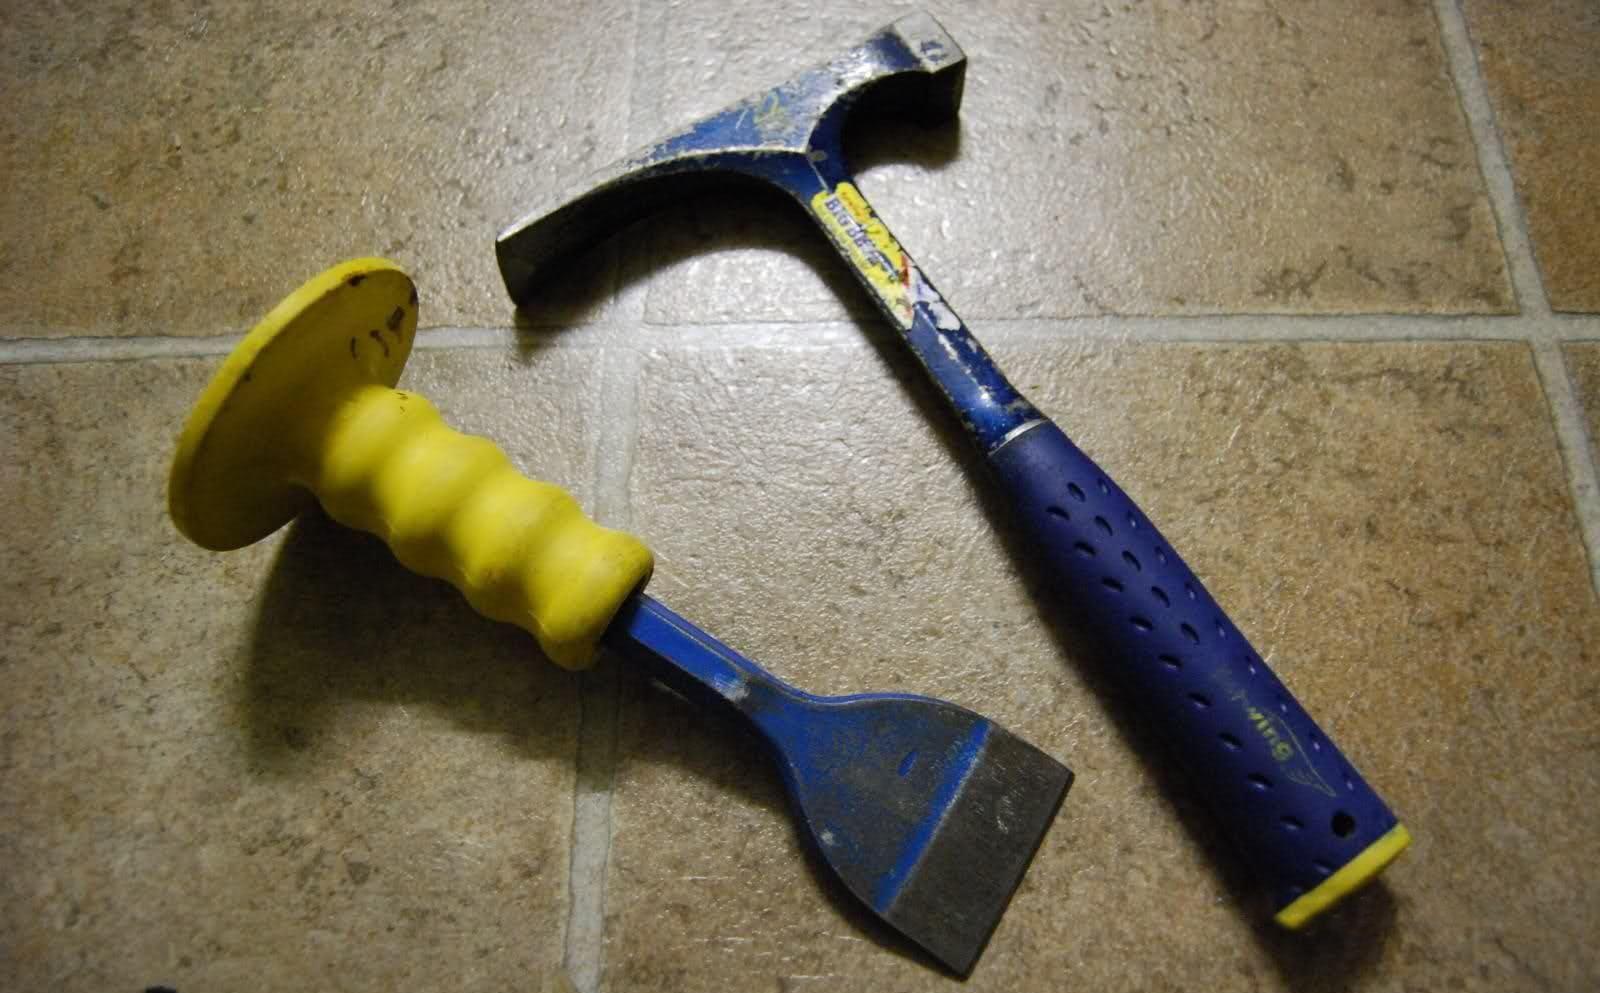 инструменты для демонтажа плитки